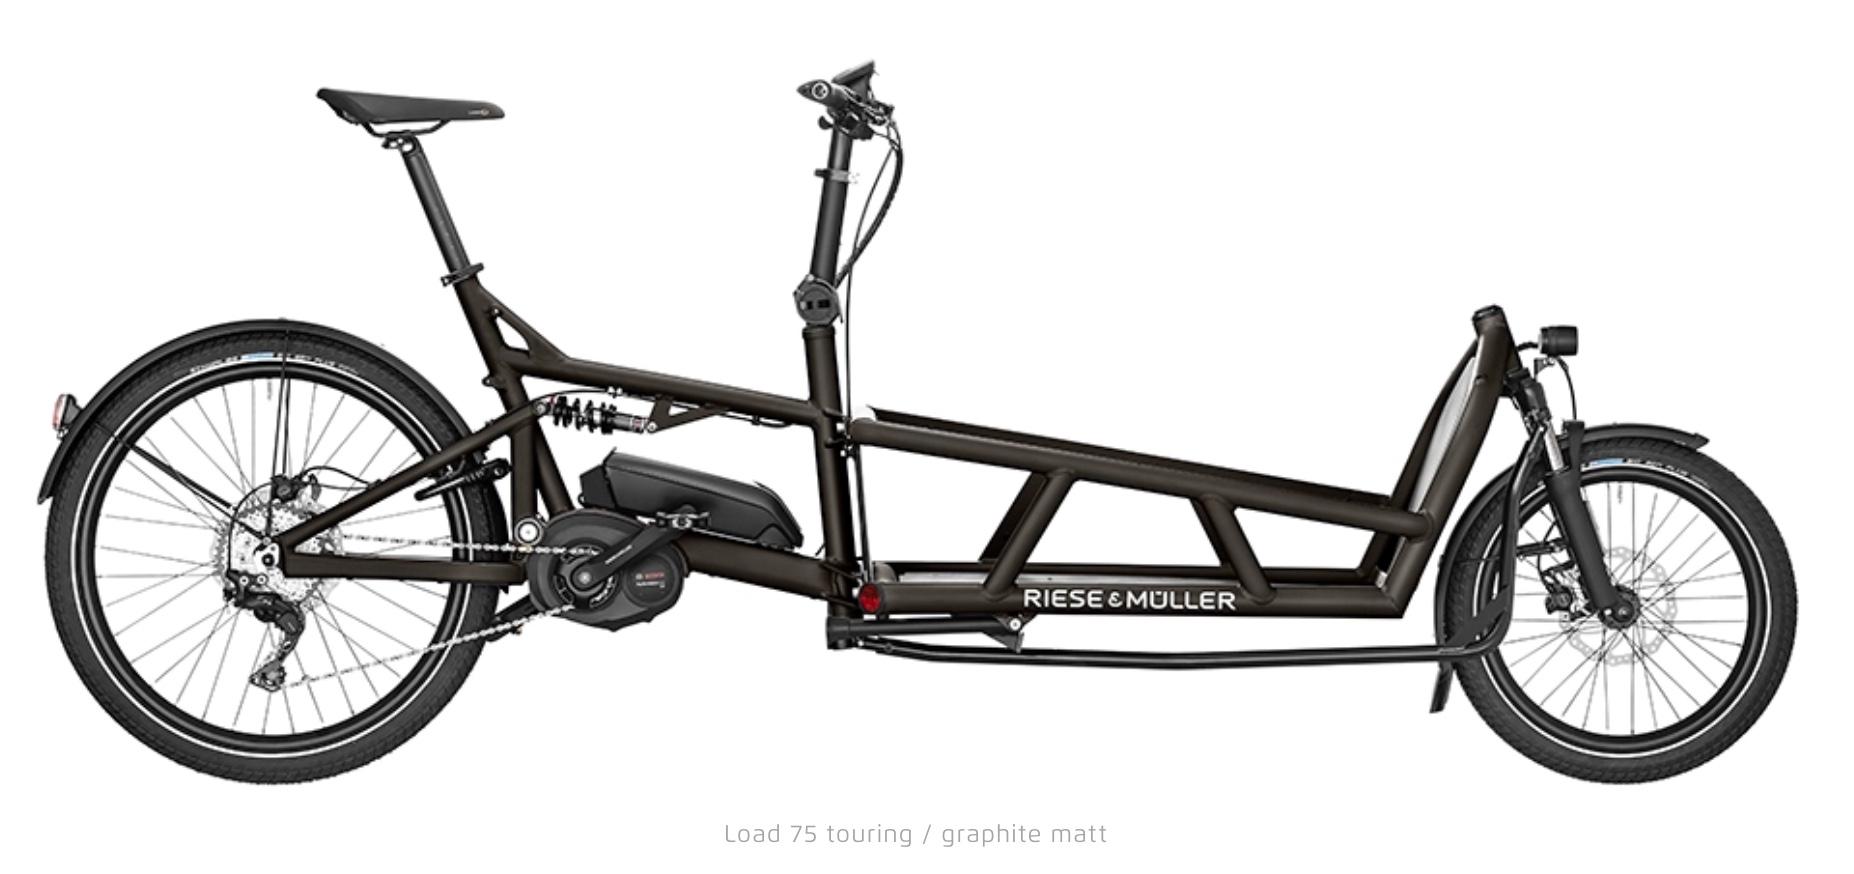 Riese & Müller Load 75 E-Bike